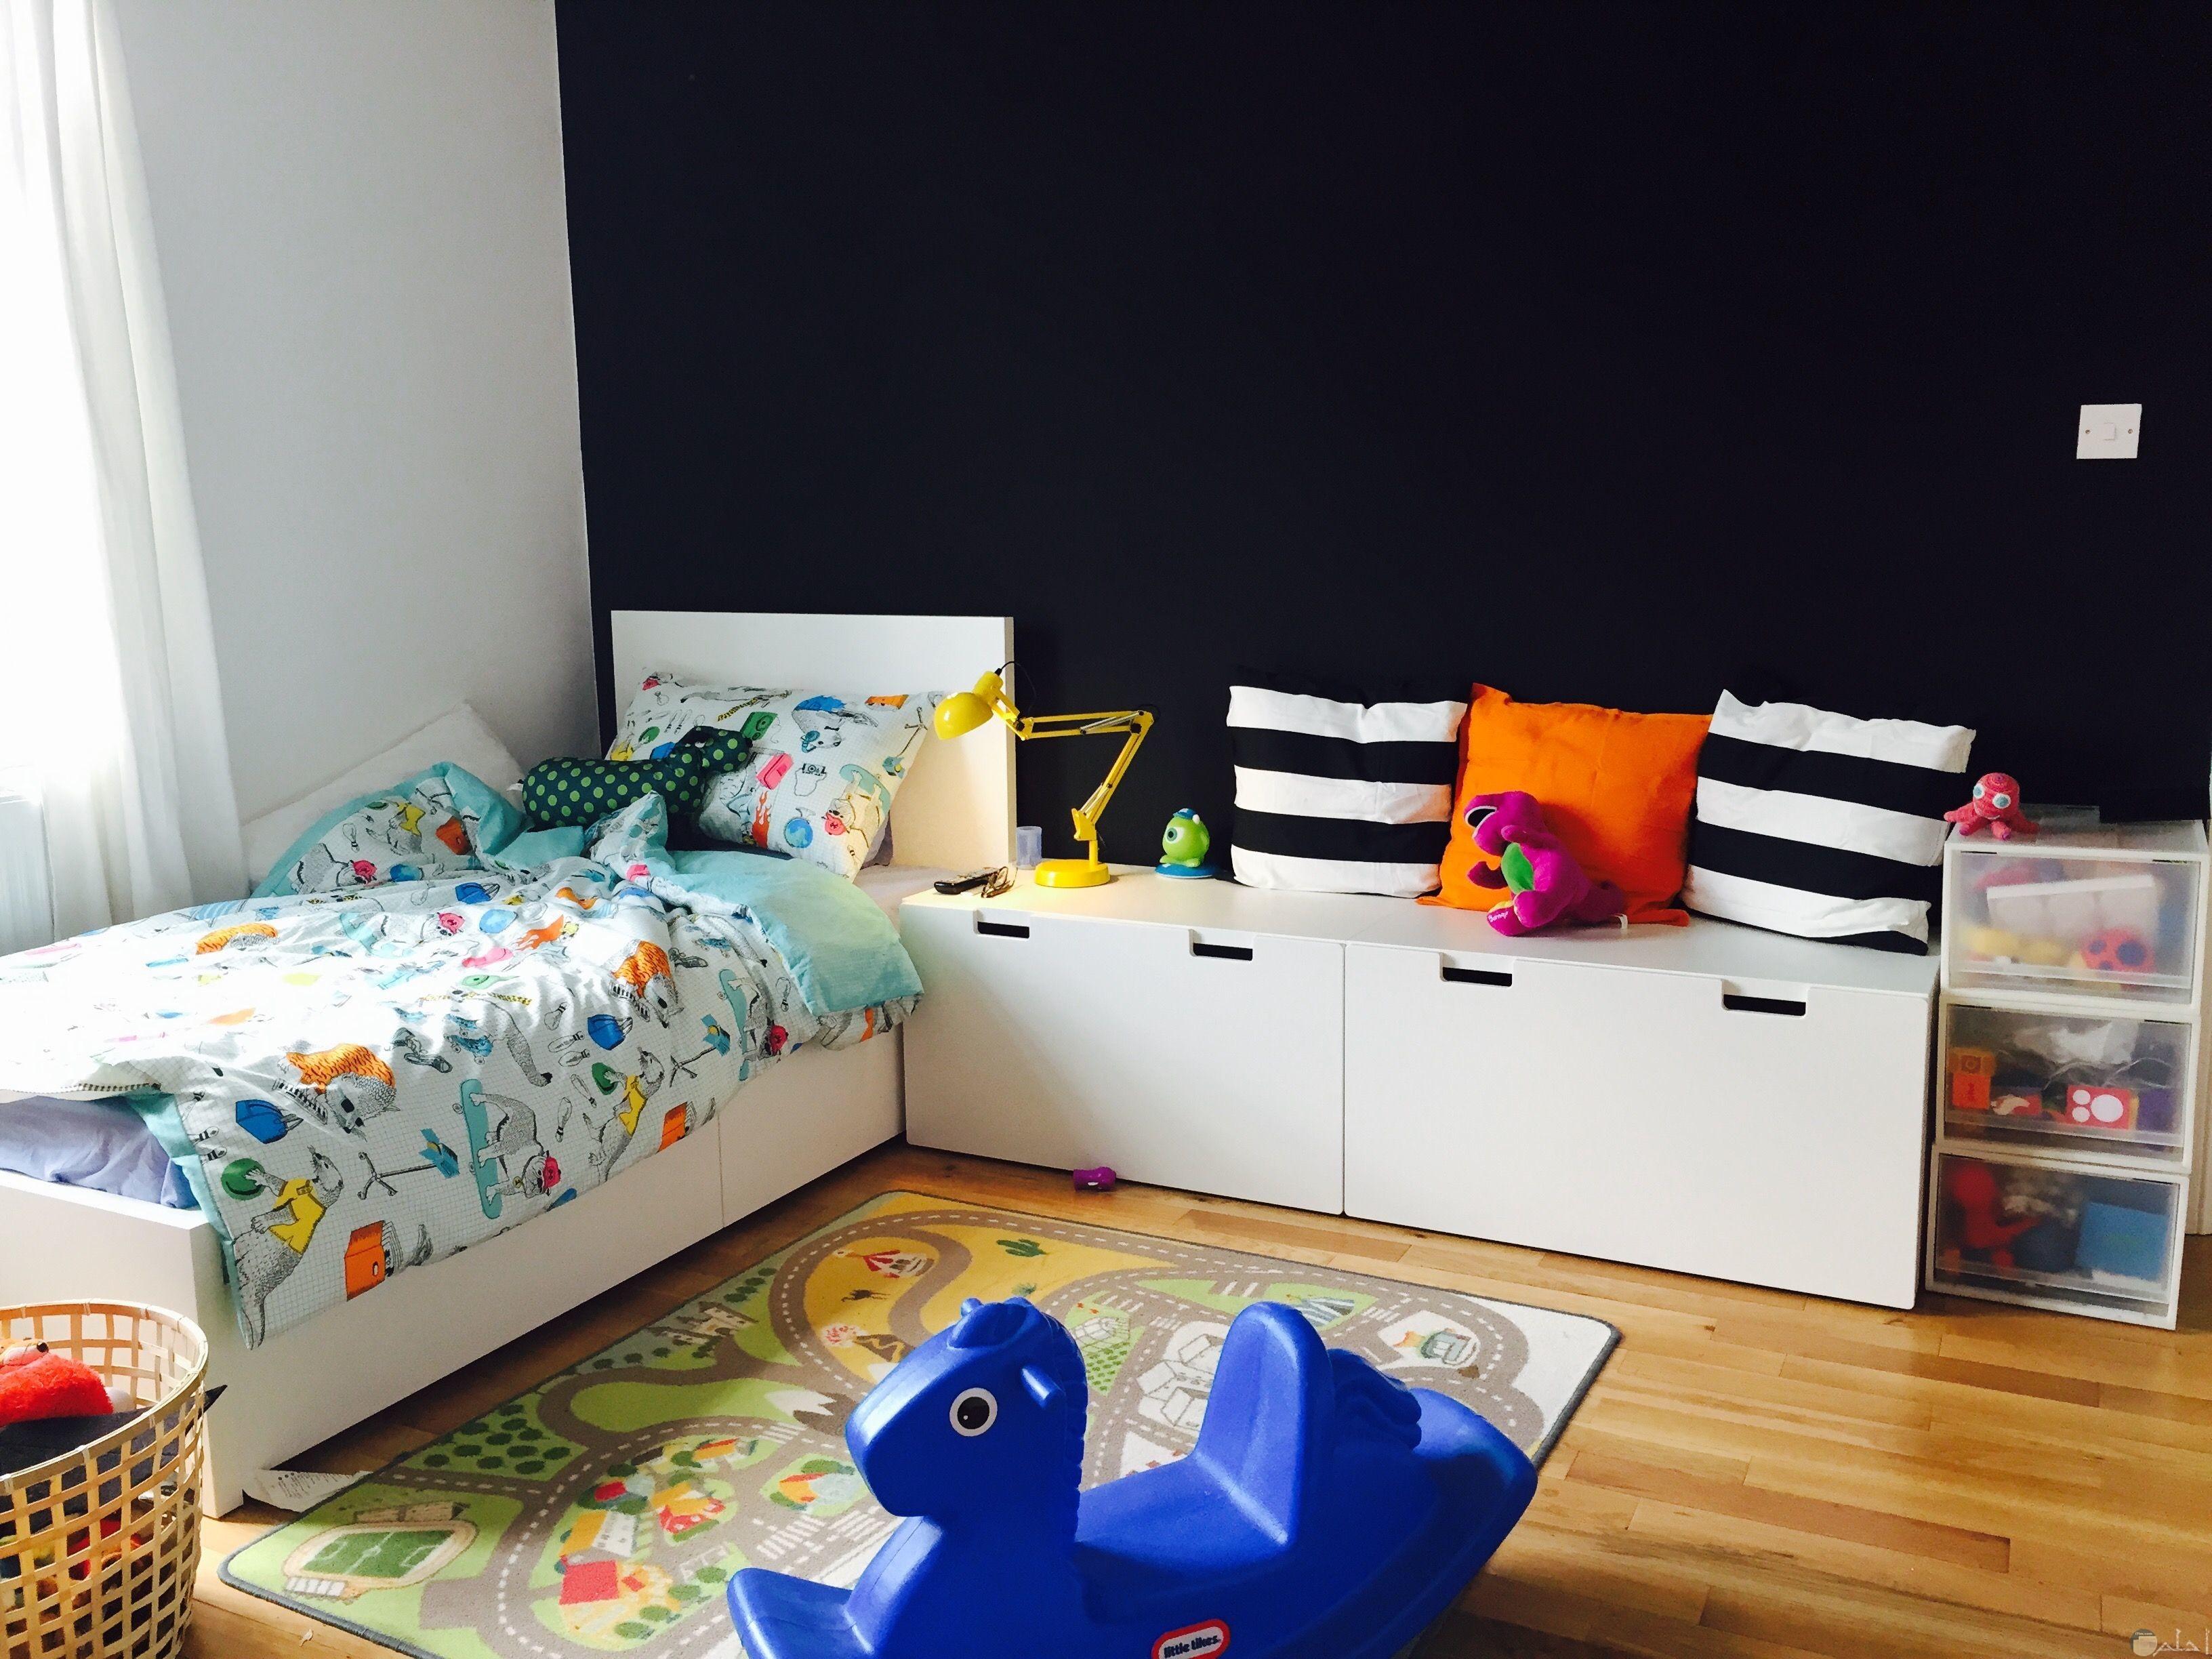 صورة لغرفة أطفال جميلة حيث سرير صغير ومساحة واسعة ليلعب الطفل